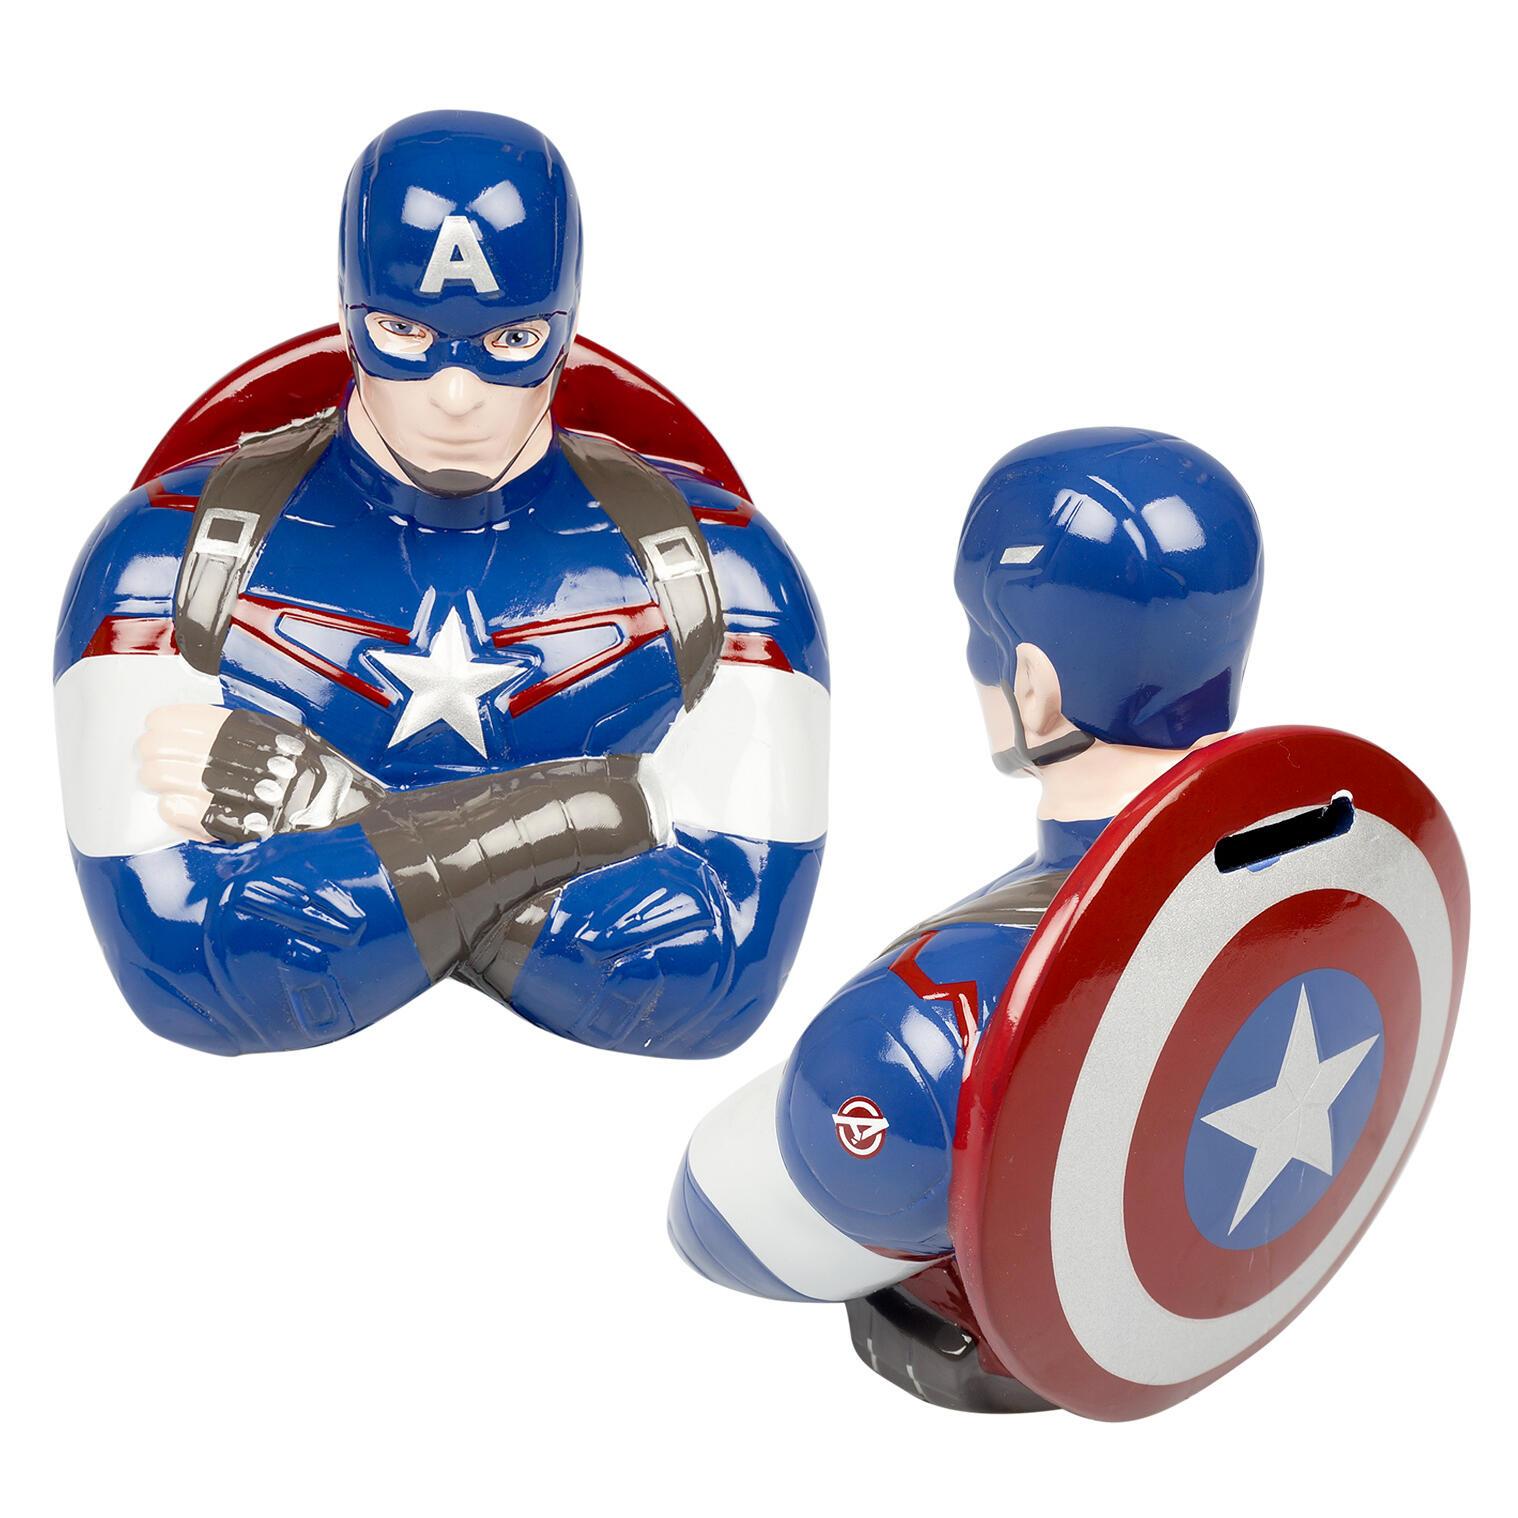 Marvel Avengers Captain America Kids Ceramic Piggy Bank